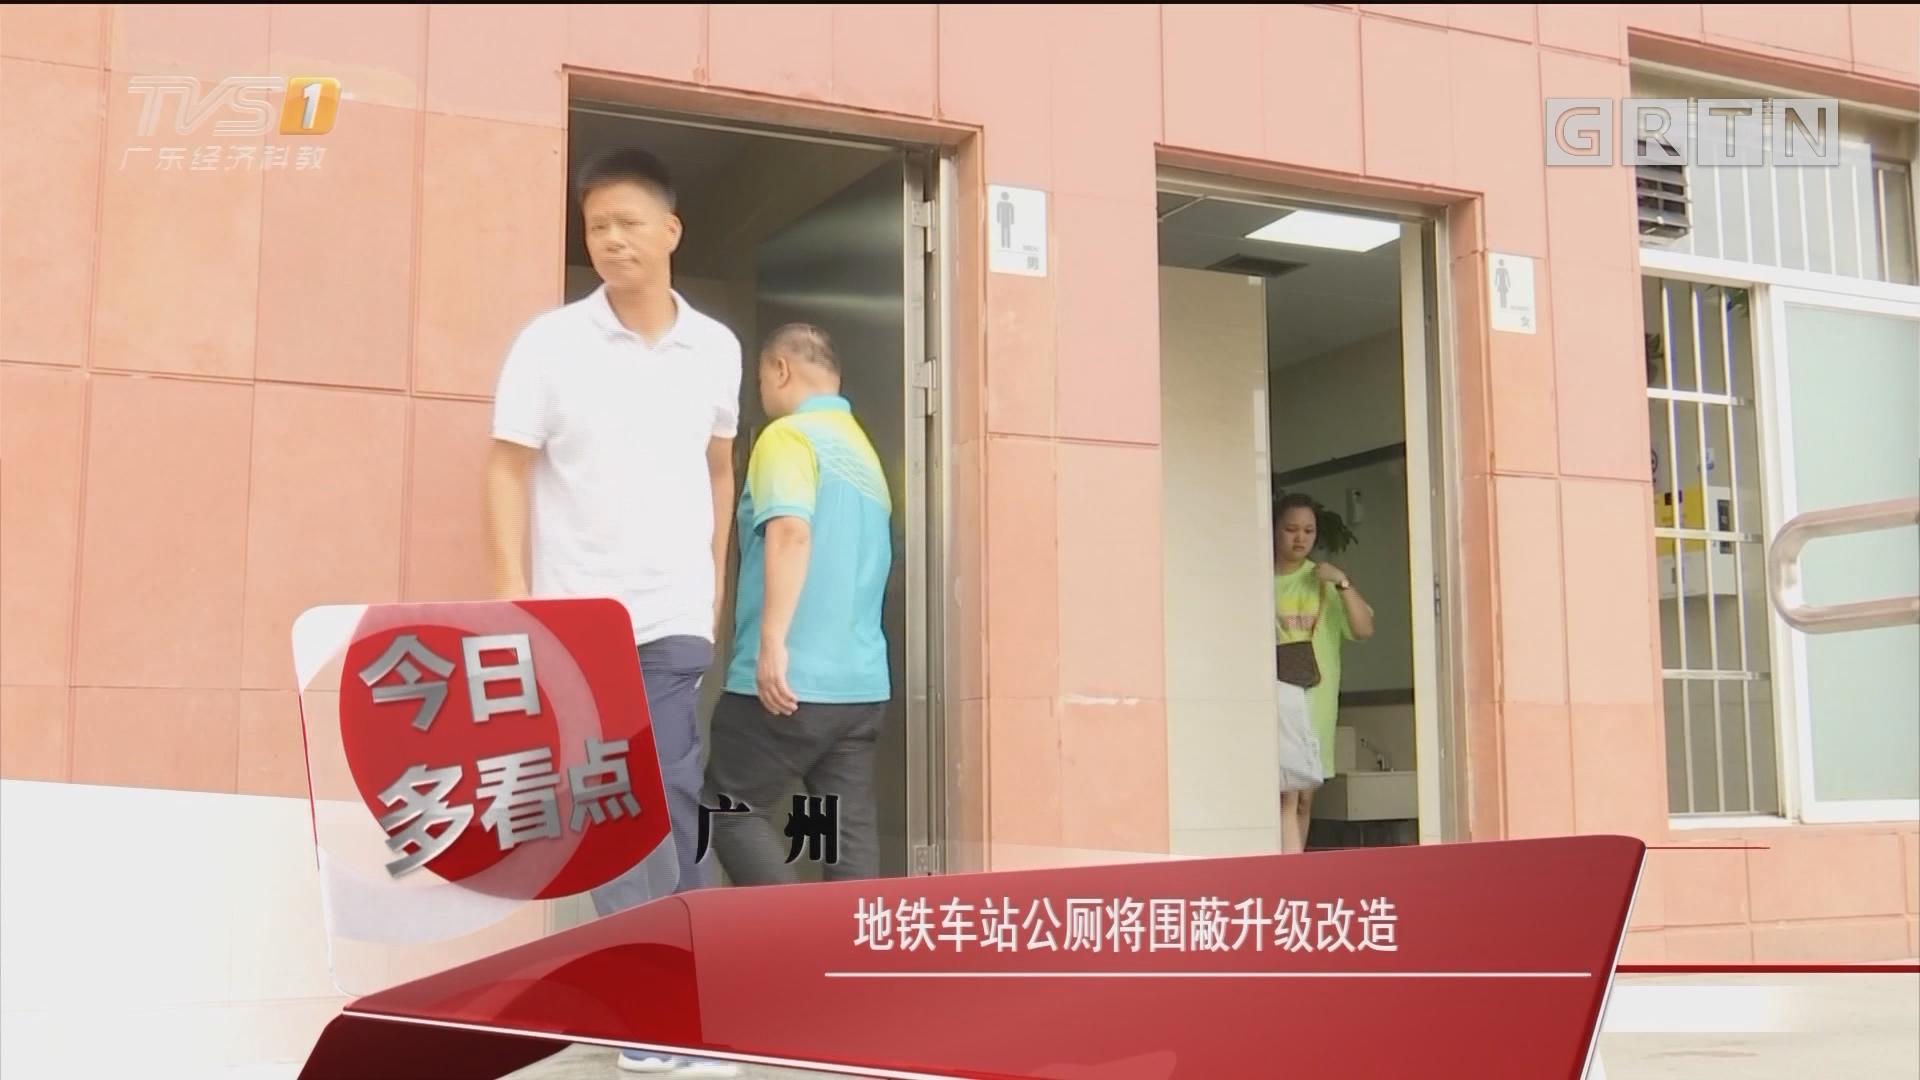 广州:地铁车站公厕将围蔽升级改造